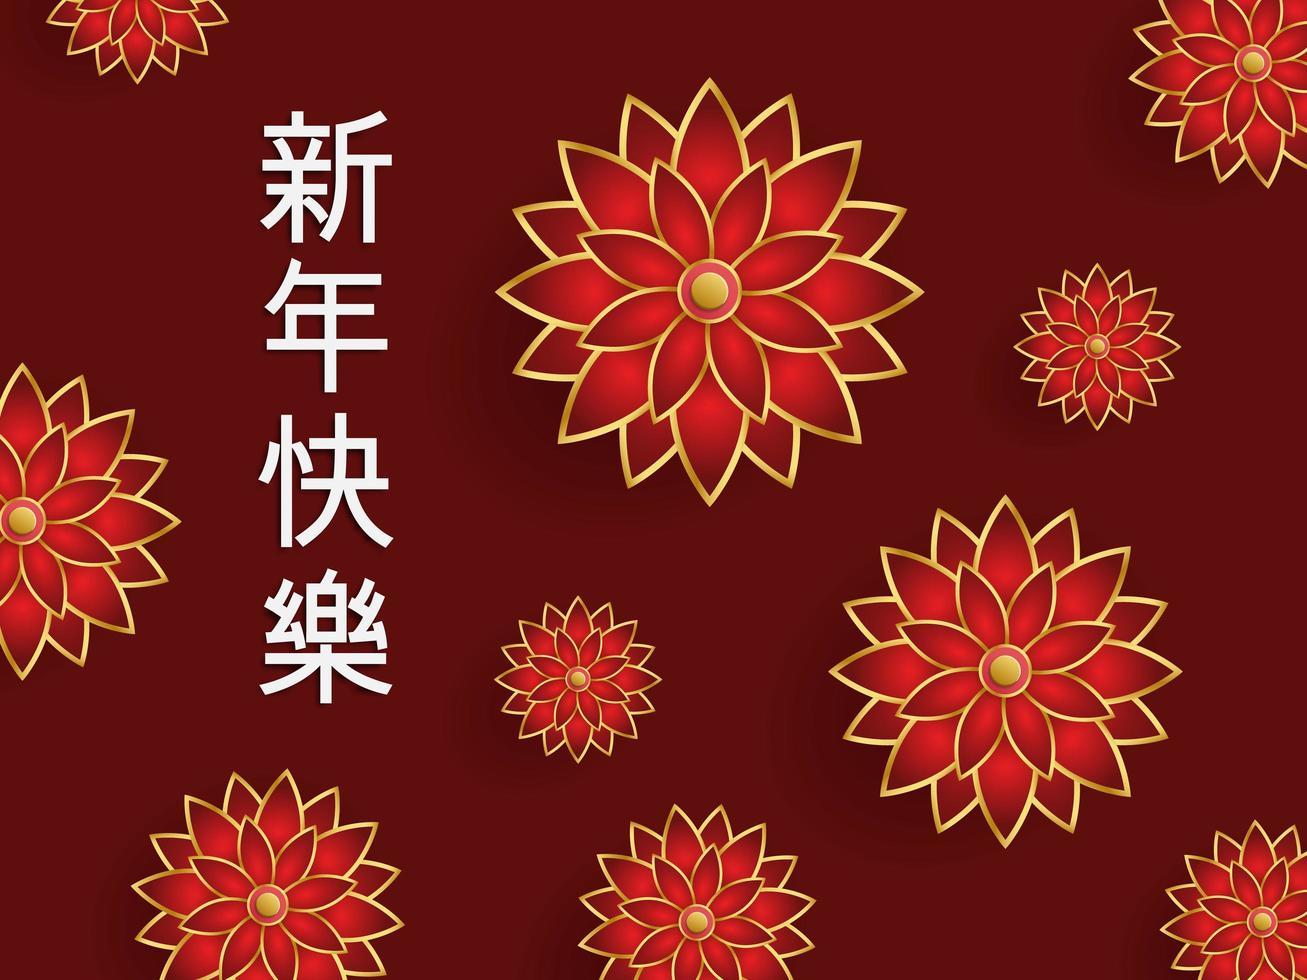 illustrazione di fiori rossi con calligrafia cinese su sfondo rosso vettore